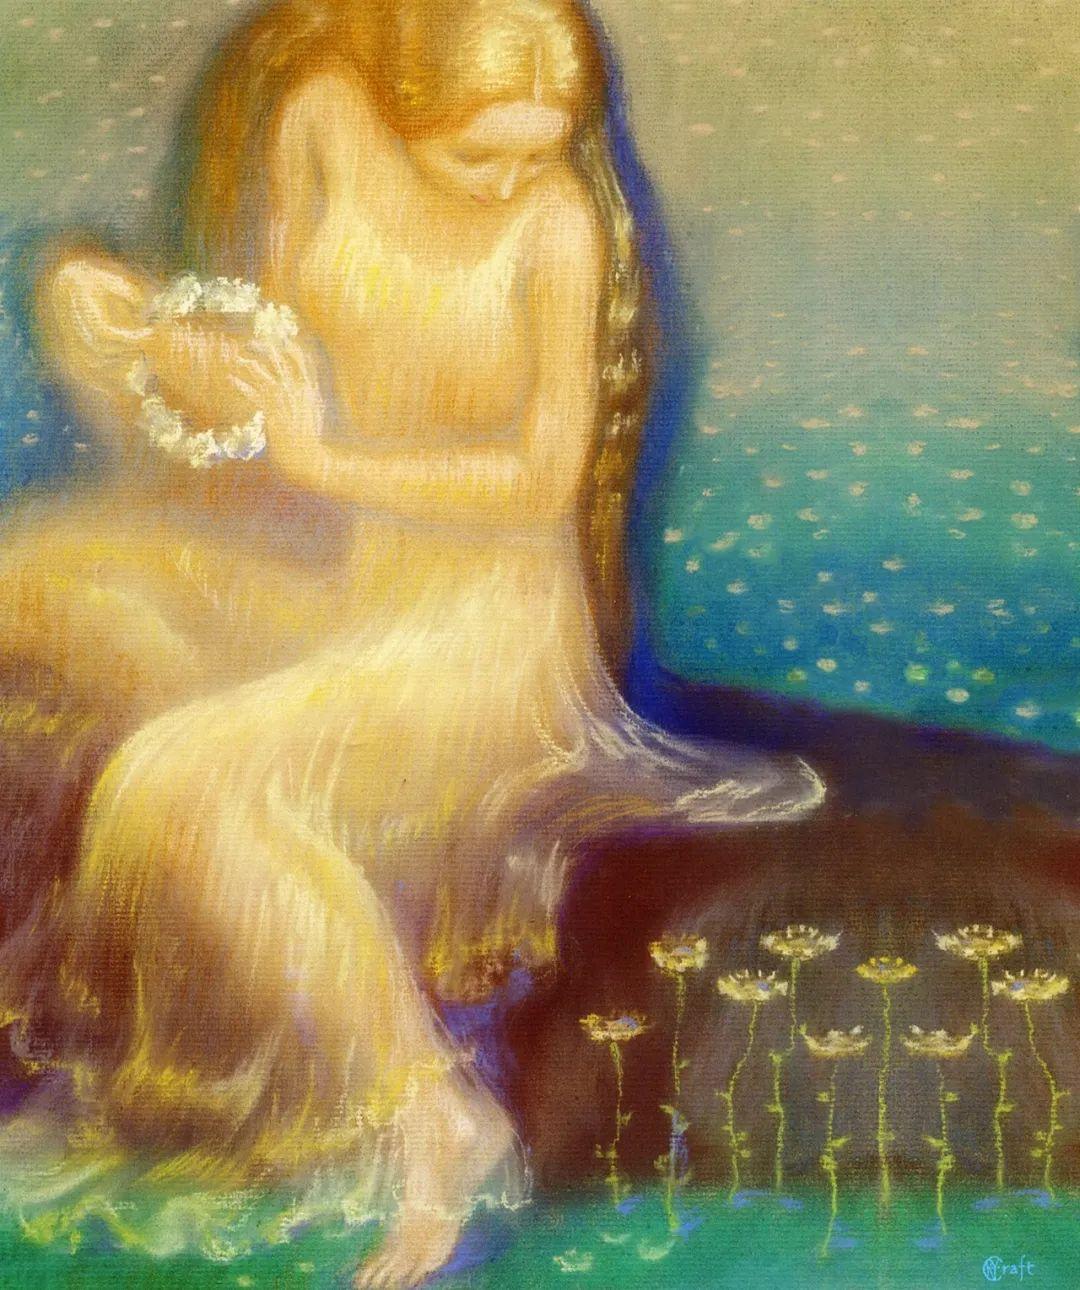 心灵画境,梦幻色彩,令人沉迷其中!插图31